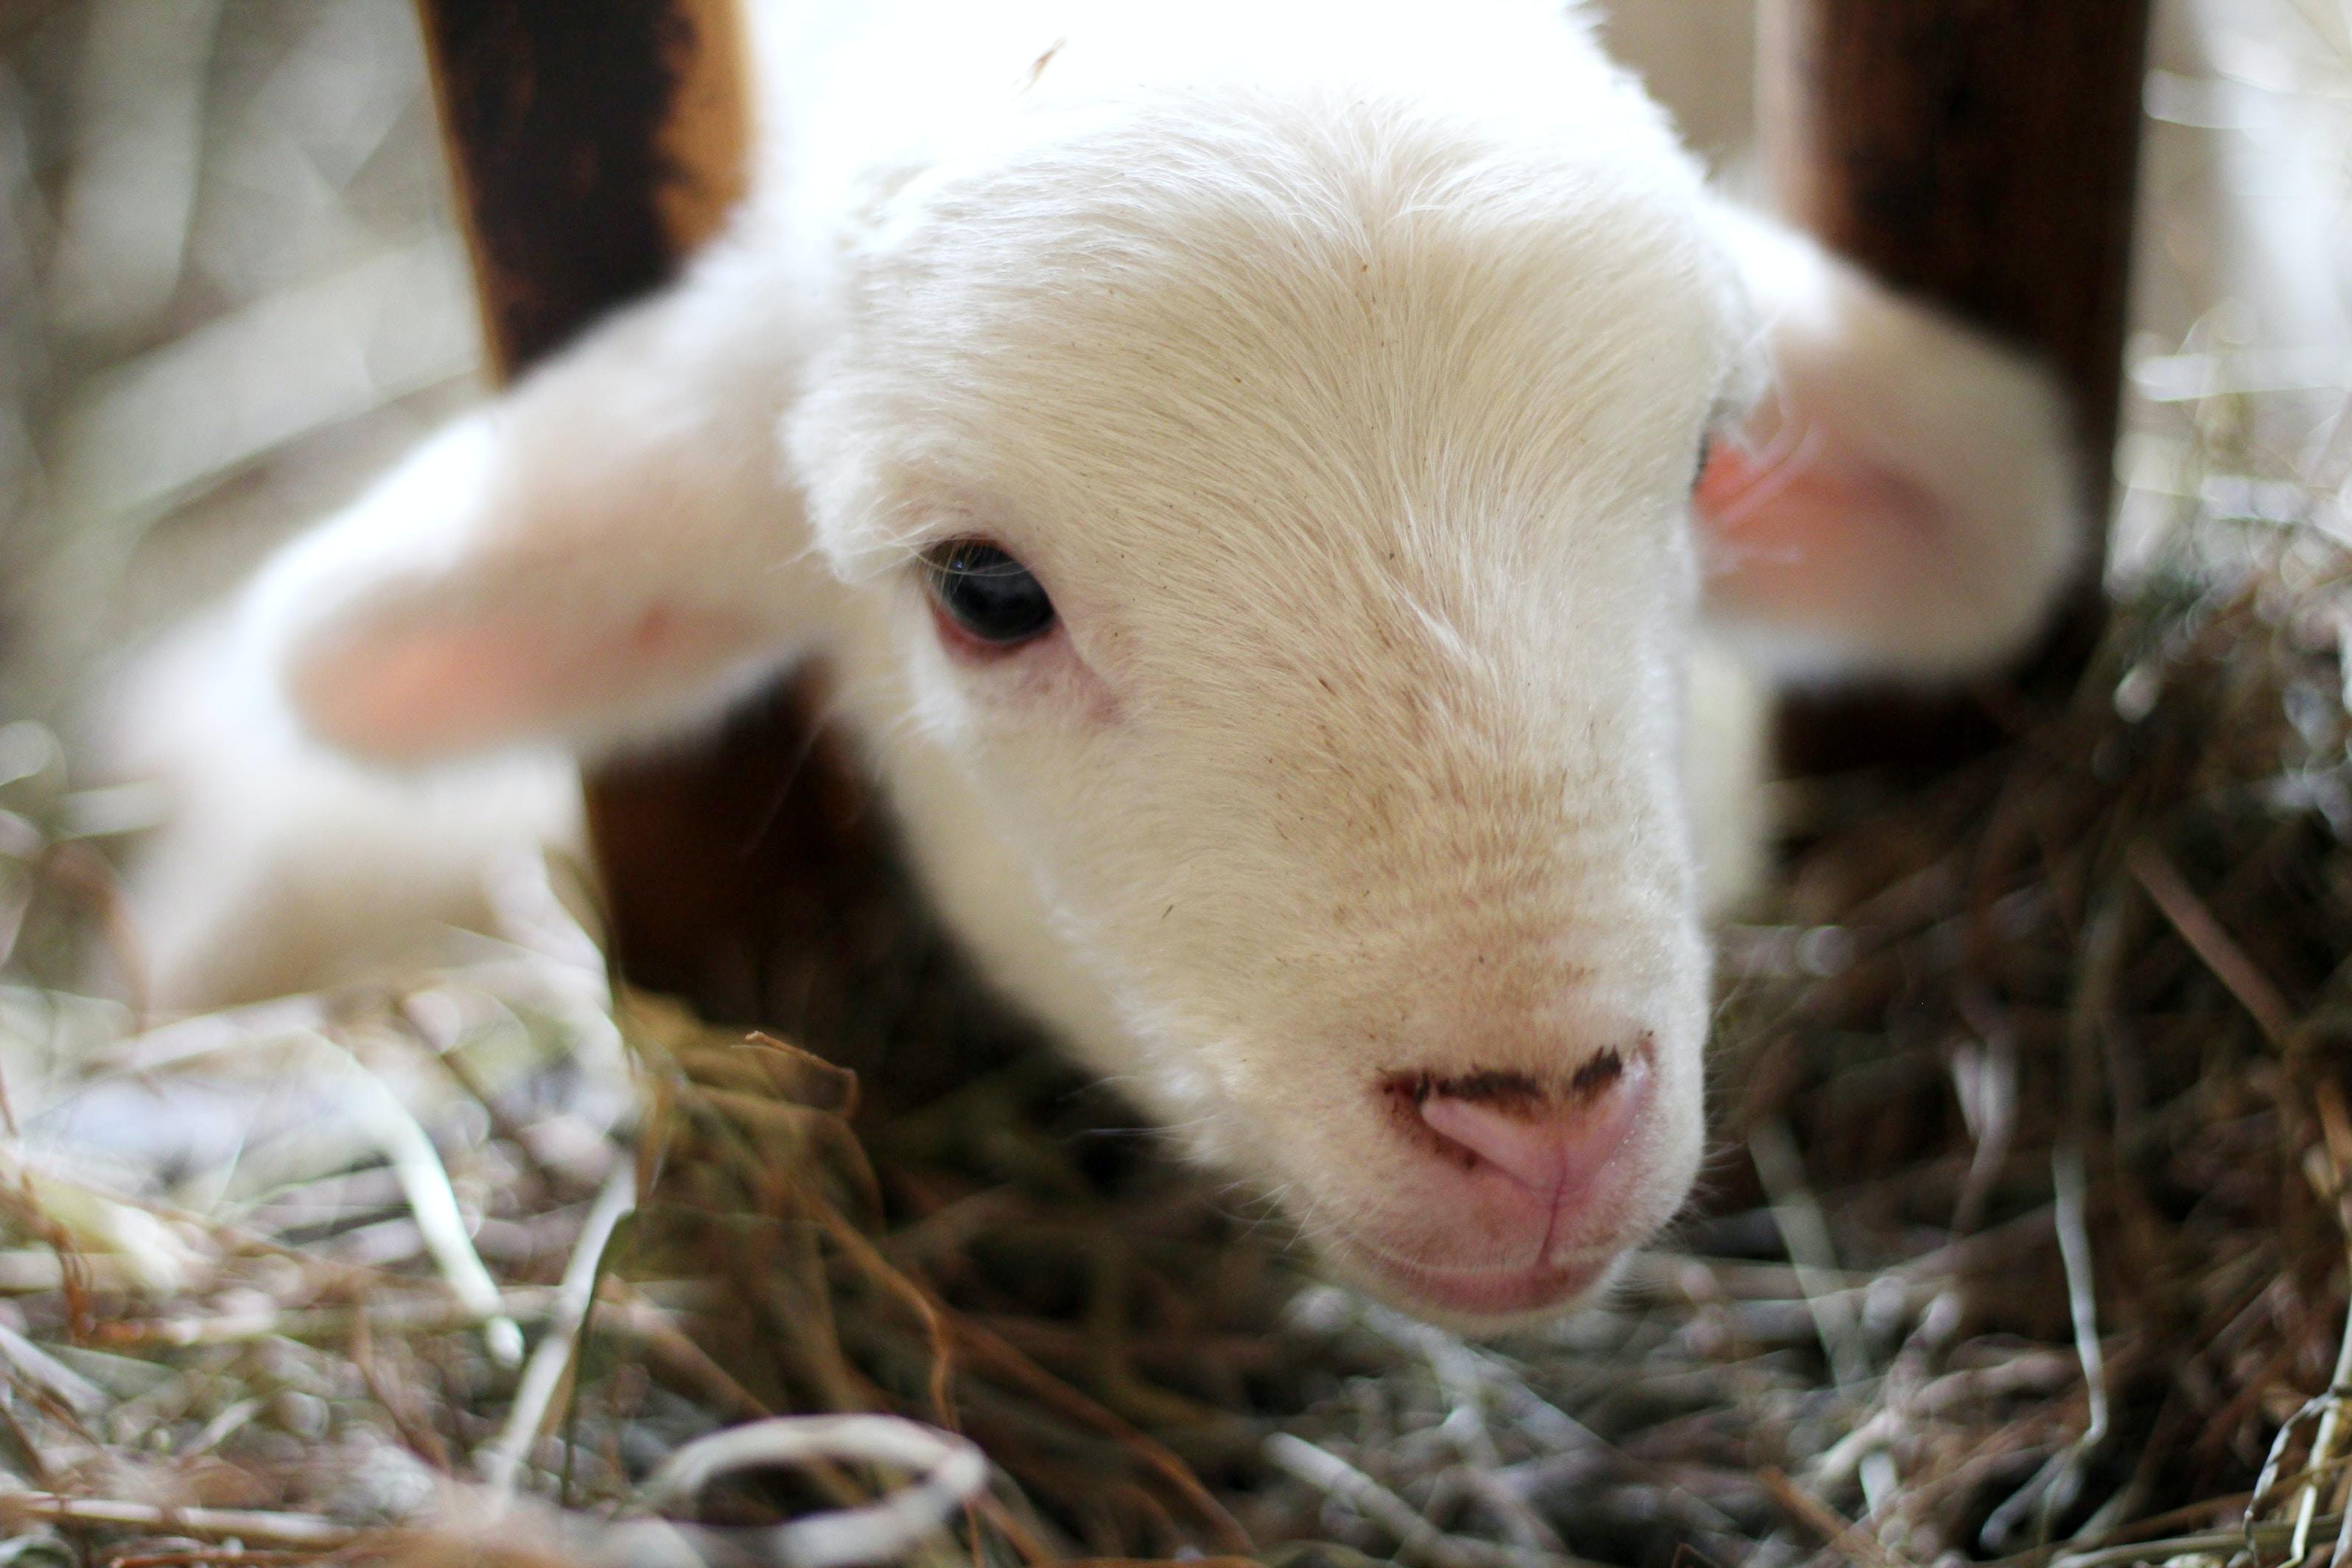 A baby lamb eating hay at Hancock Shaker Village